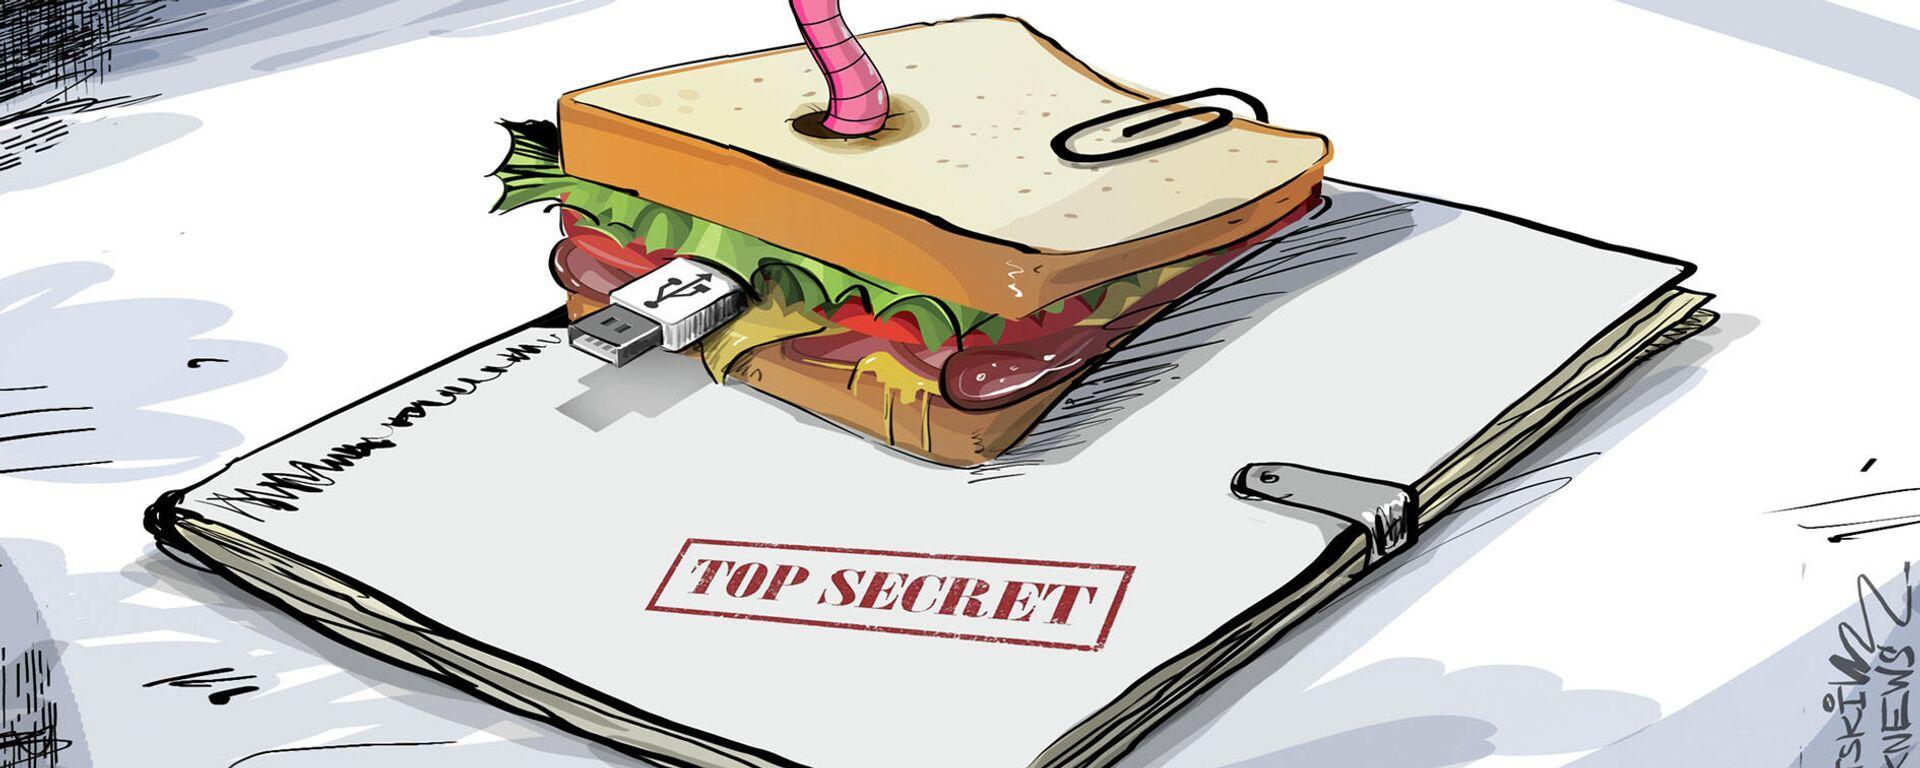 Ingrediente secreto: intentan vender datos de submarinos nucleares escondidos en un sándwich - Sputnik Mundo, 1920, 11.10.2021